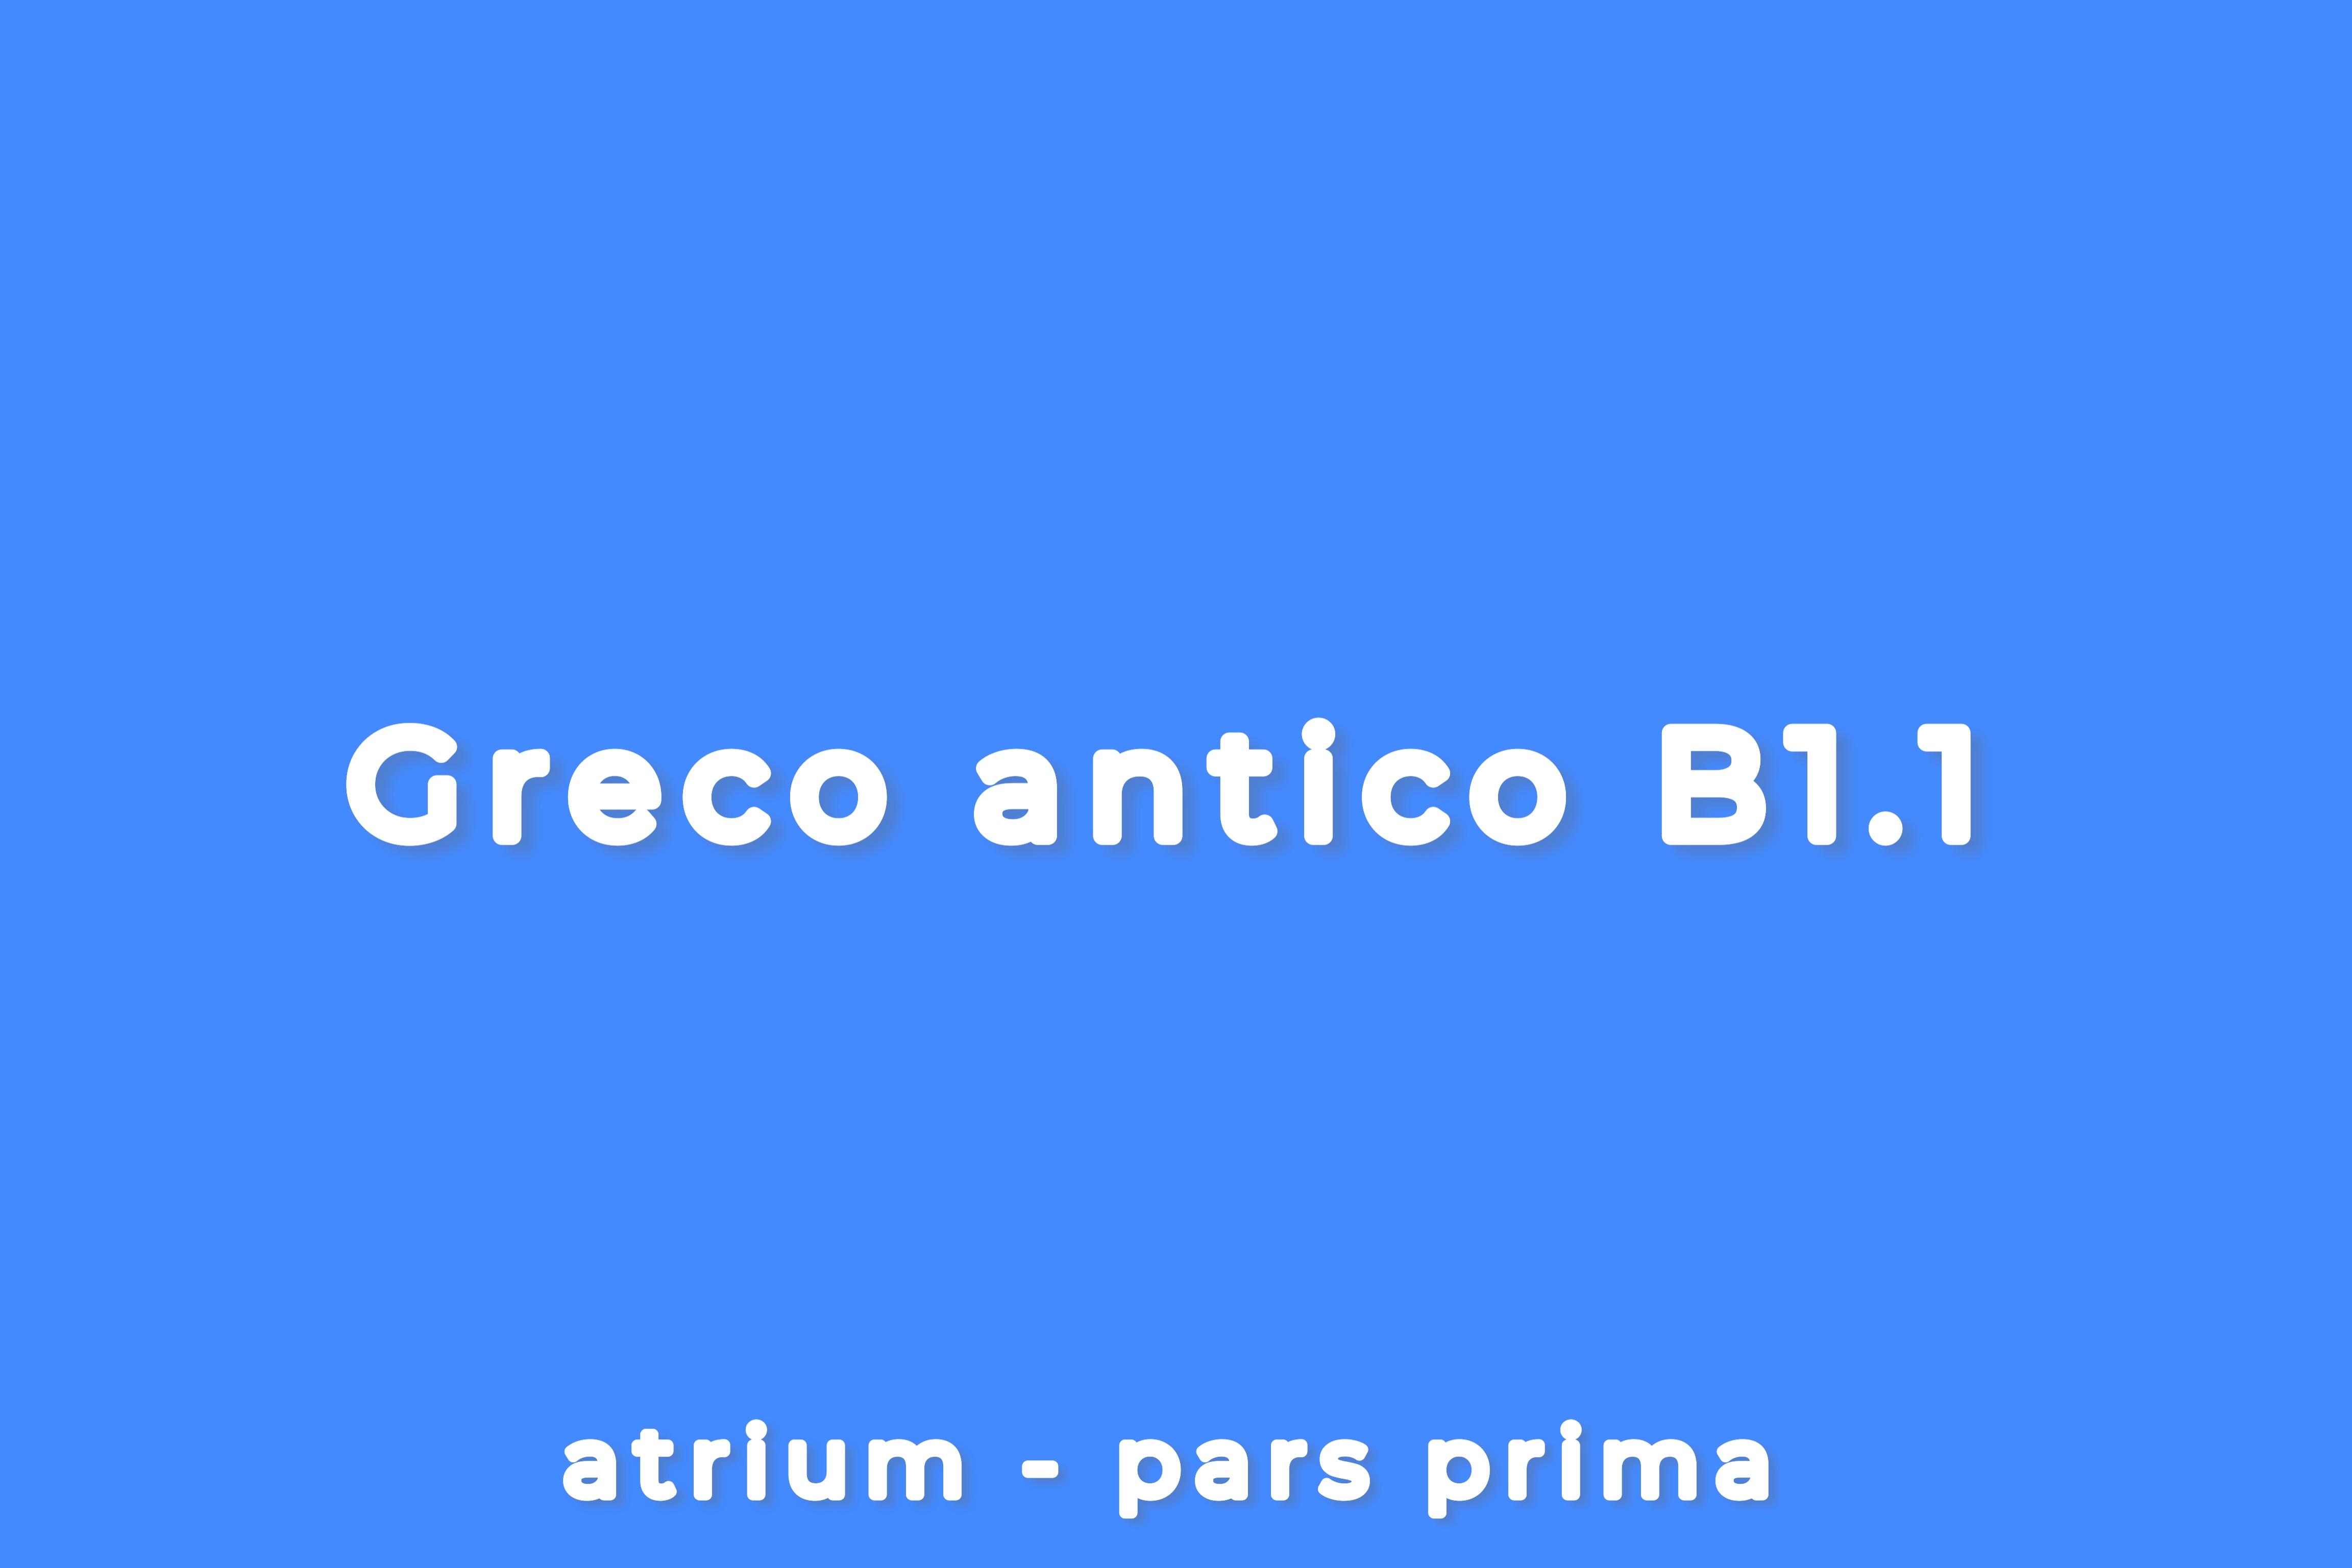 CORSO DI GRECO ANTICO - LIVELLO B1.1